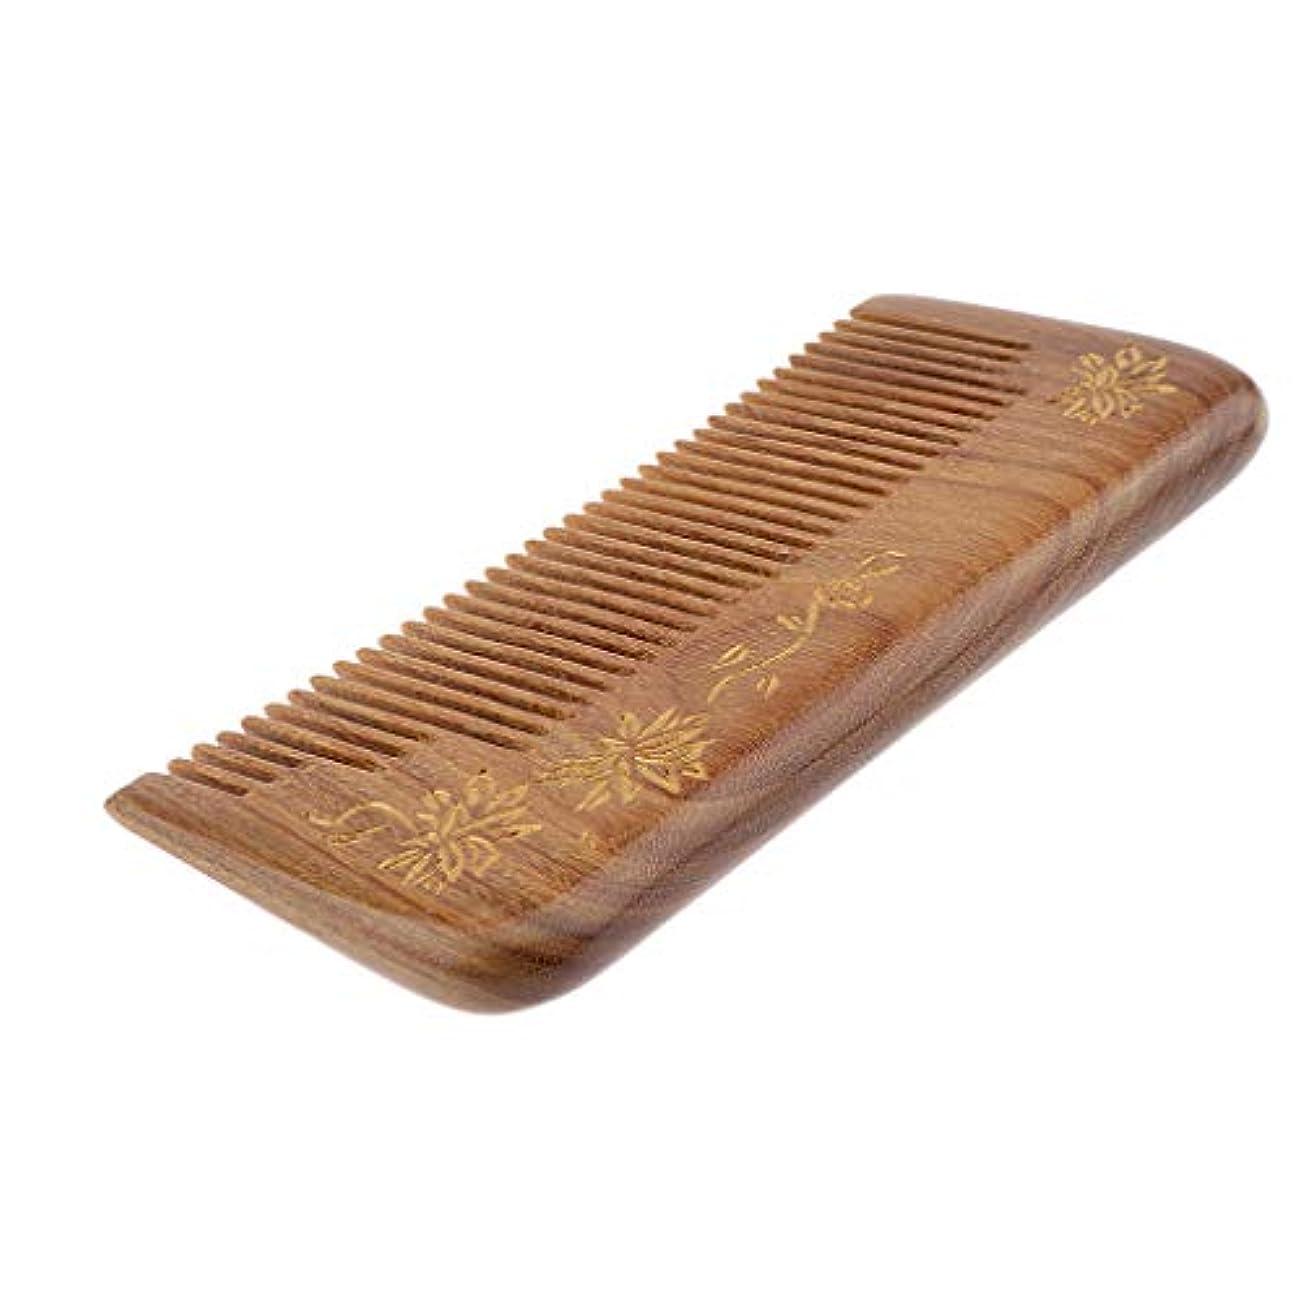 製品新しい意味医薬品F Fityle 帯電防止櫛 ヘアブラシ 木製櫛 広い歯 自然な木 マッサージ櫛 プレゼント 4仕様選べ - #3